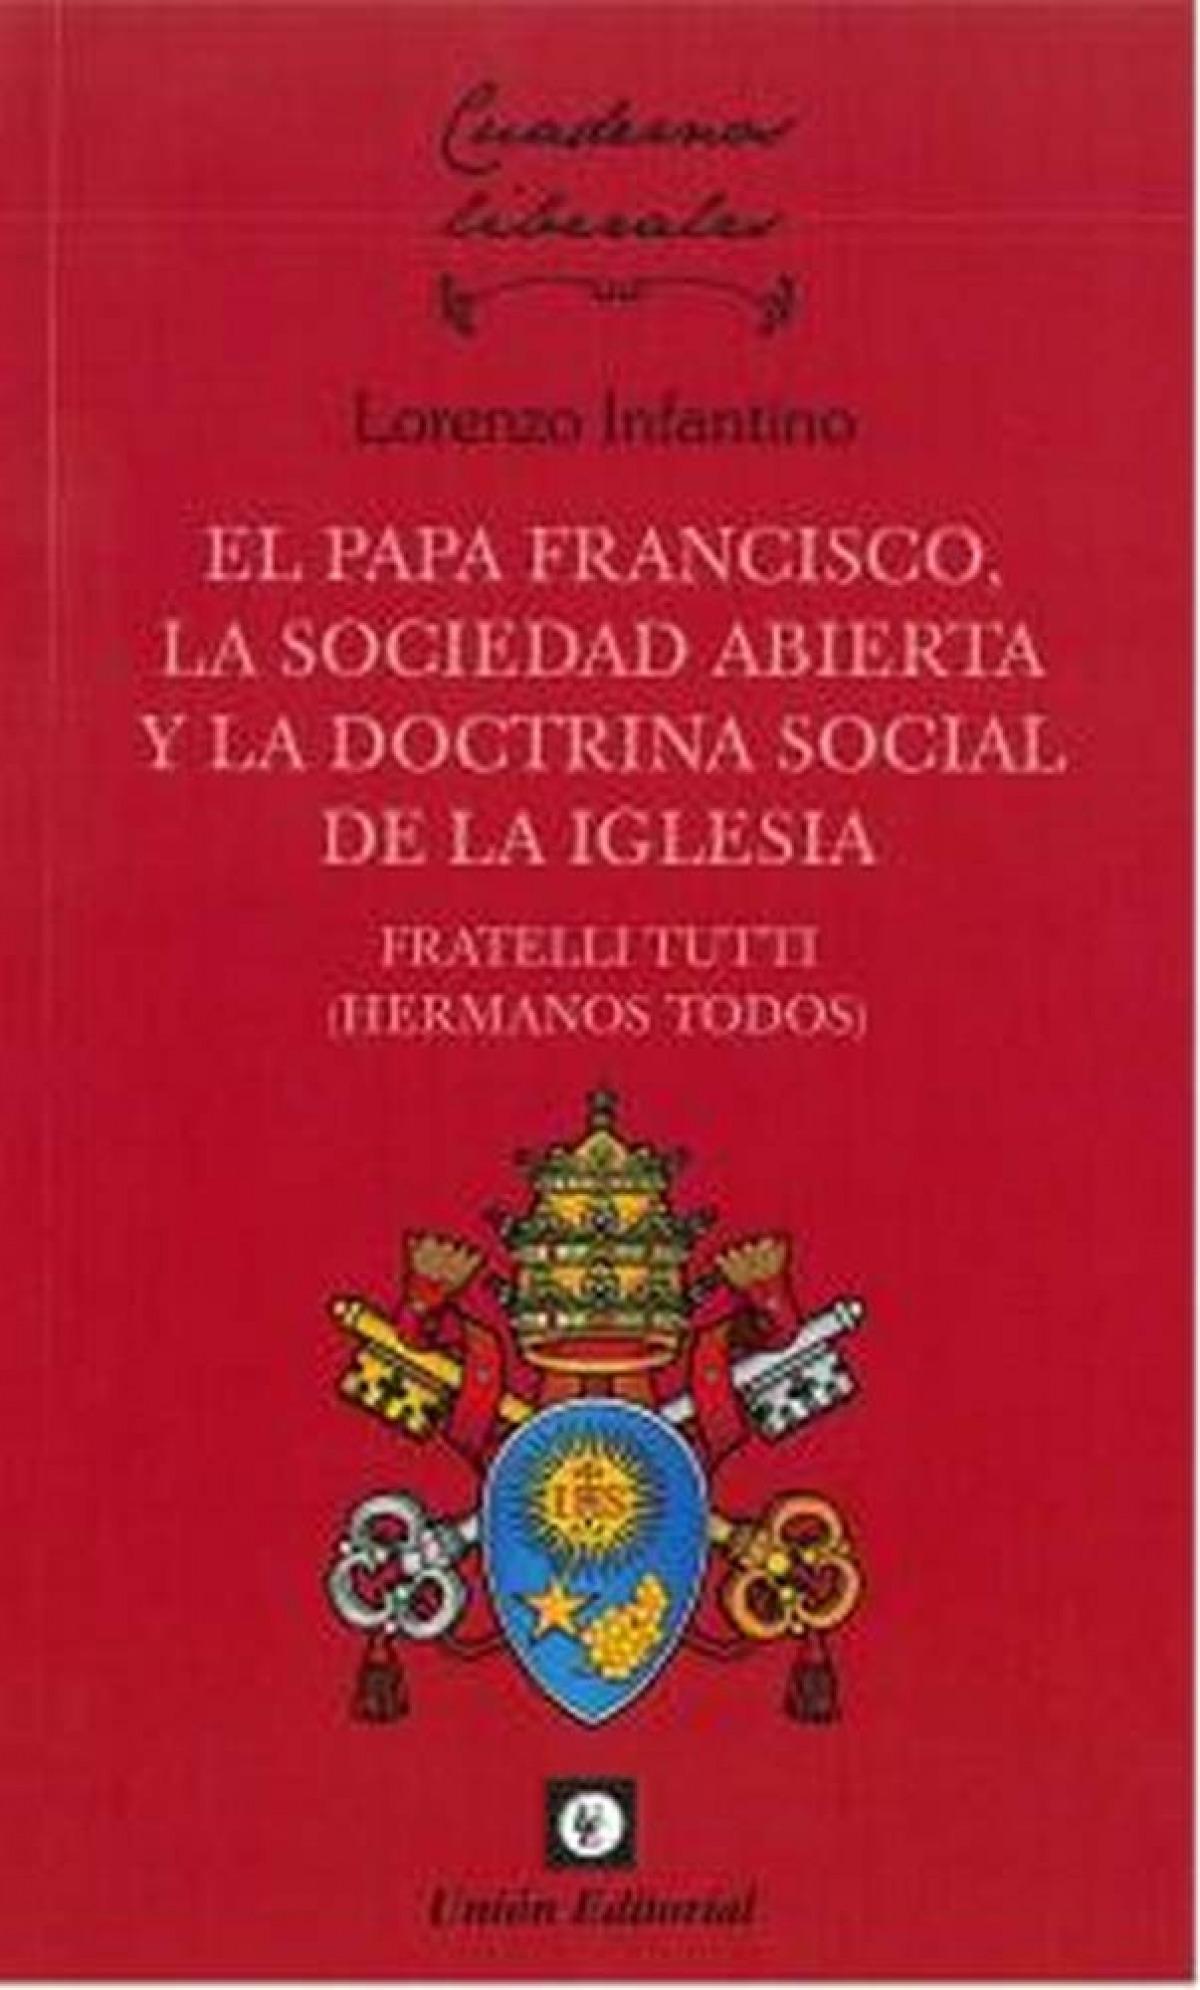 PAPA FRANCISCO, LA SOCIEDAD ABIERTA Y LA DOCTRINA SOCIAL DE LA IGLESIA.